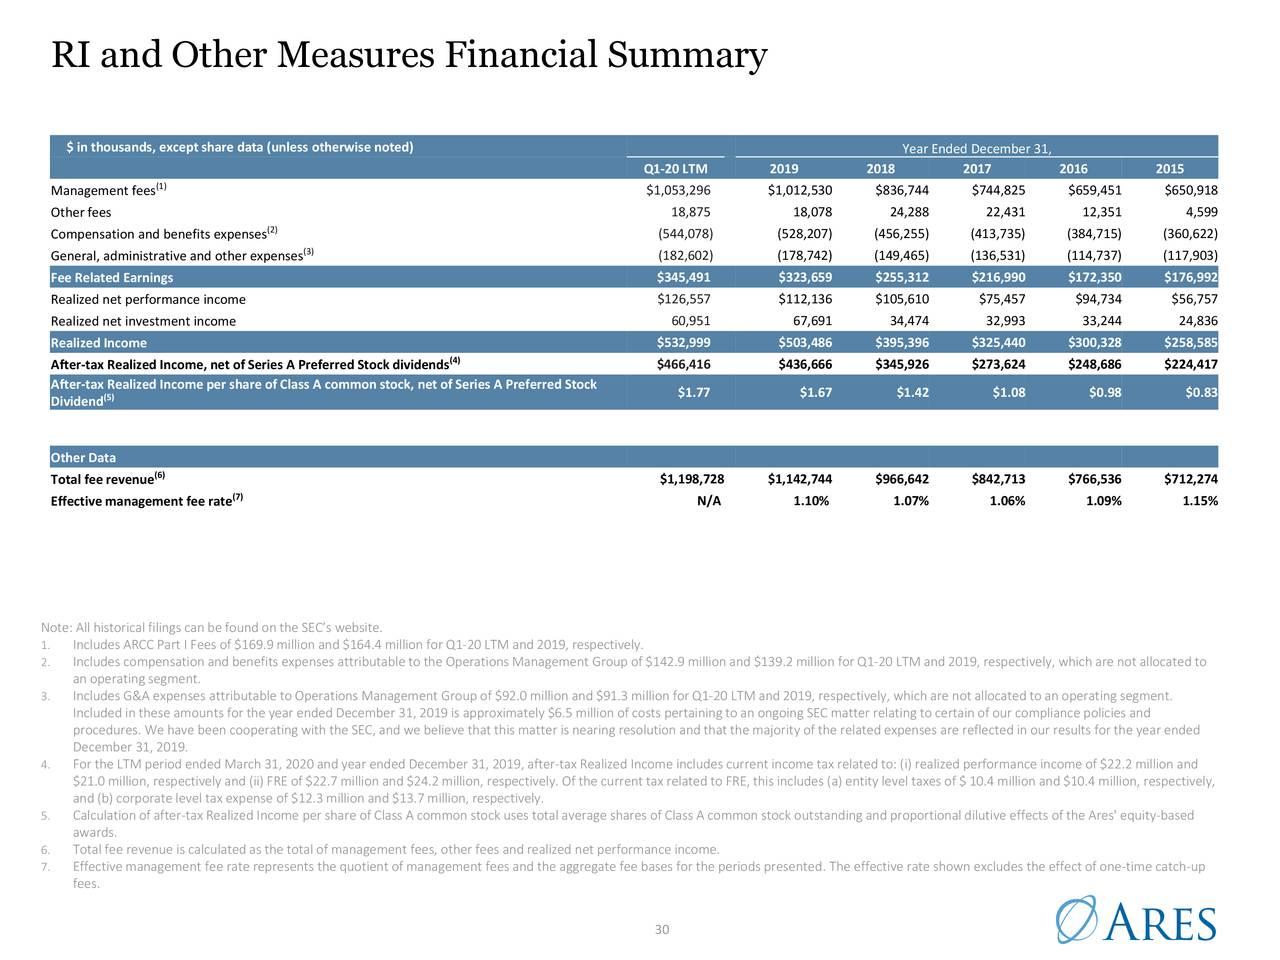 Resumen financiero de RI y otras medidas